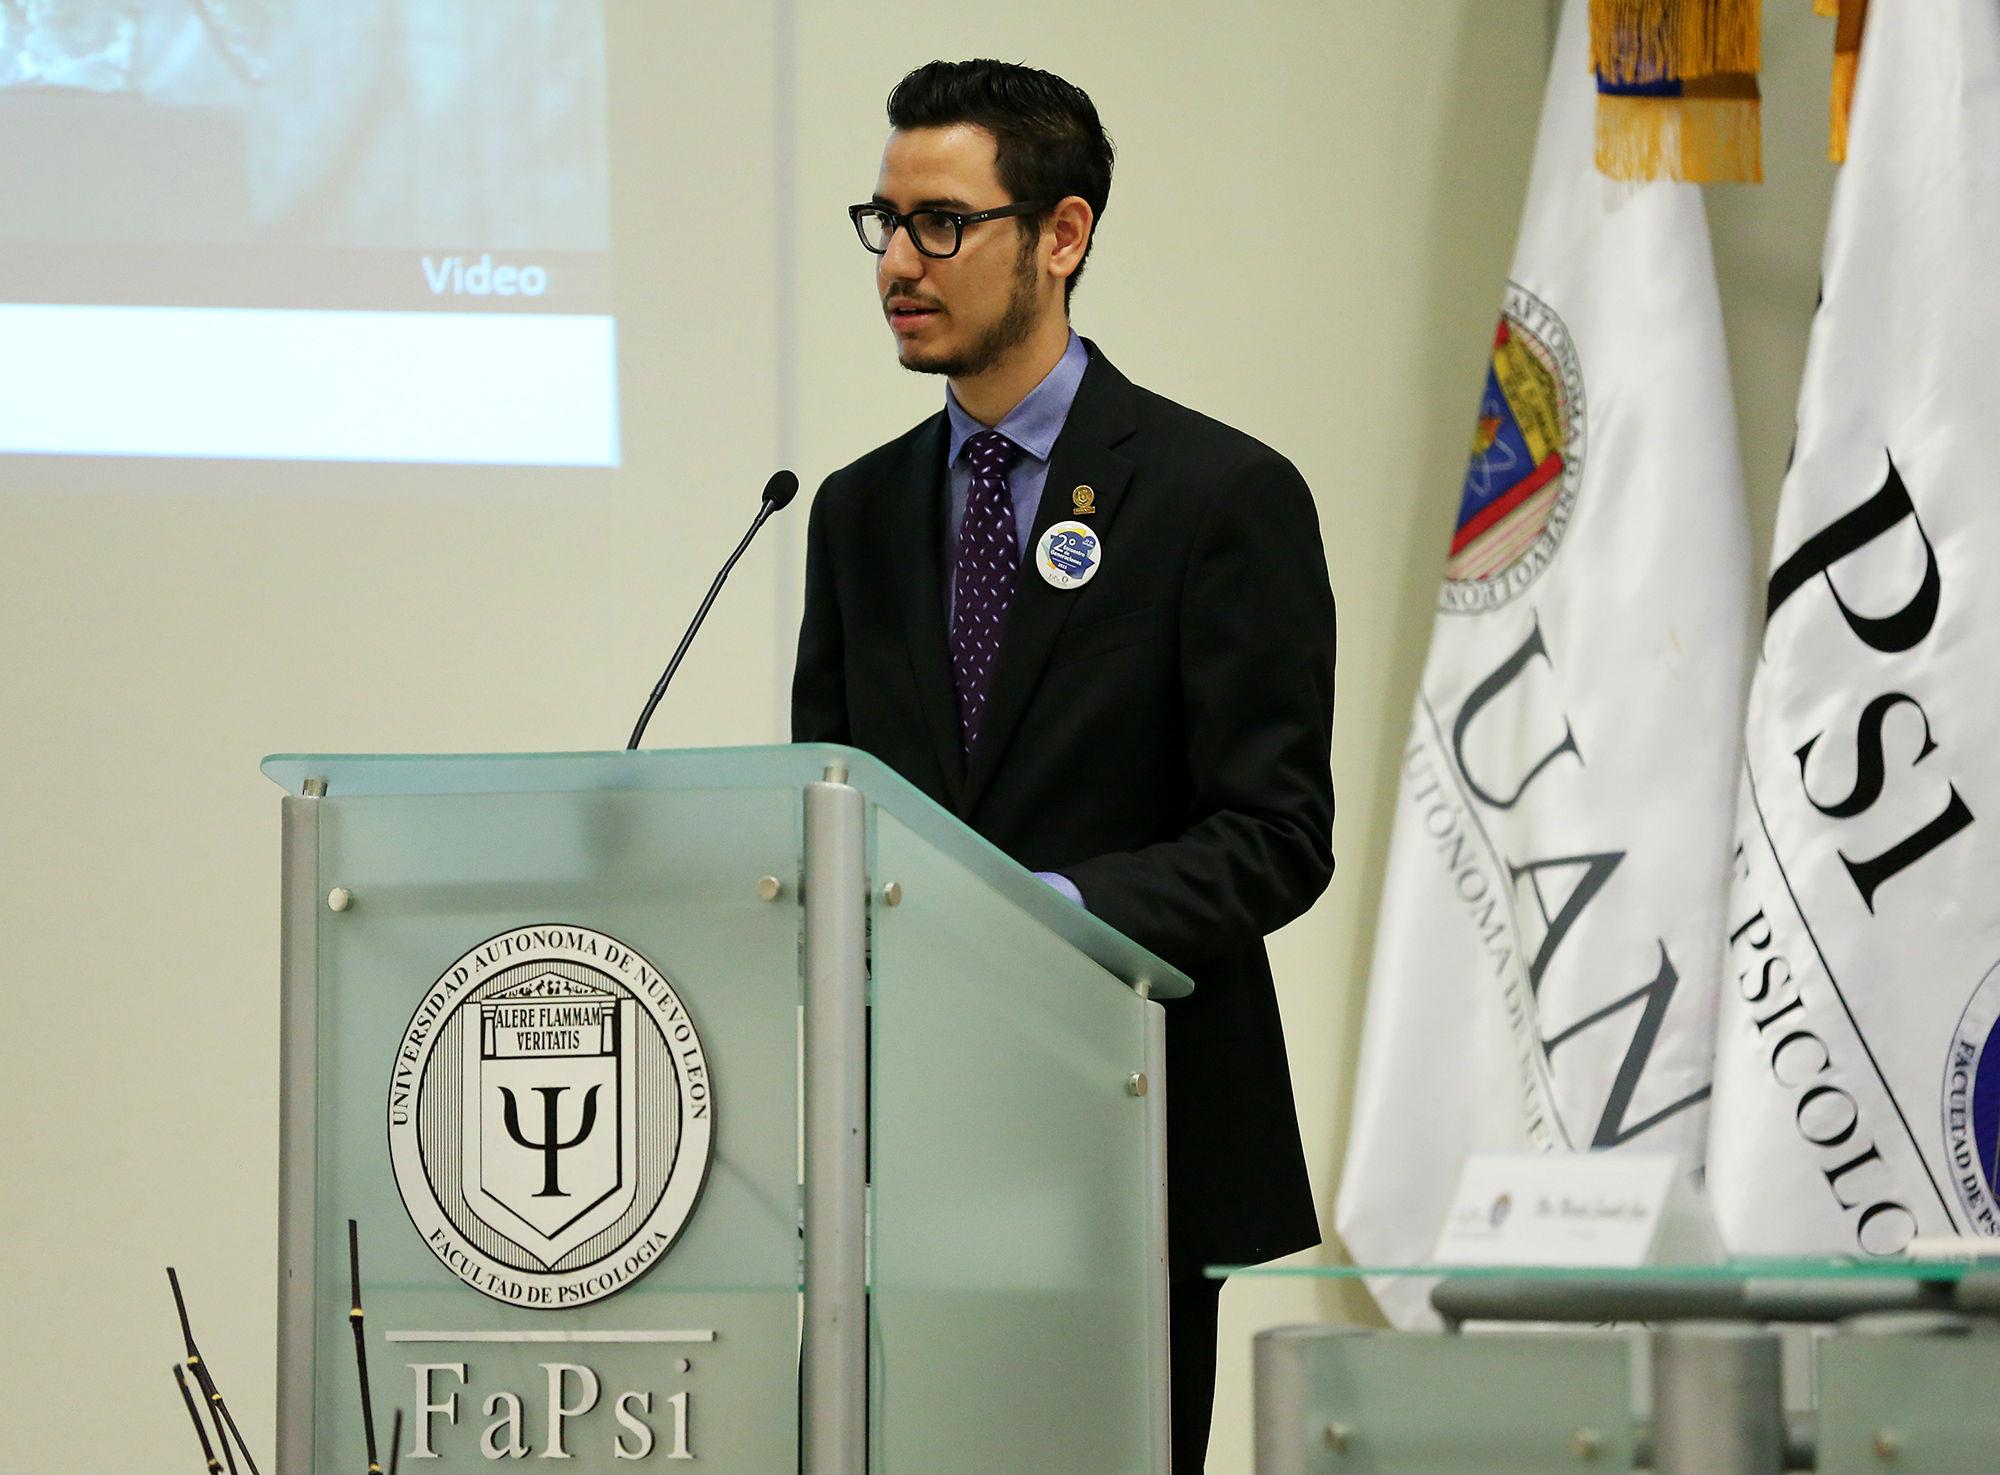 El presidente de la mesa directiva estudiantil de la Facultad de Psicología dio un mensaje